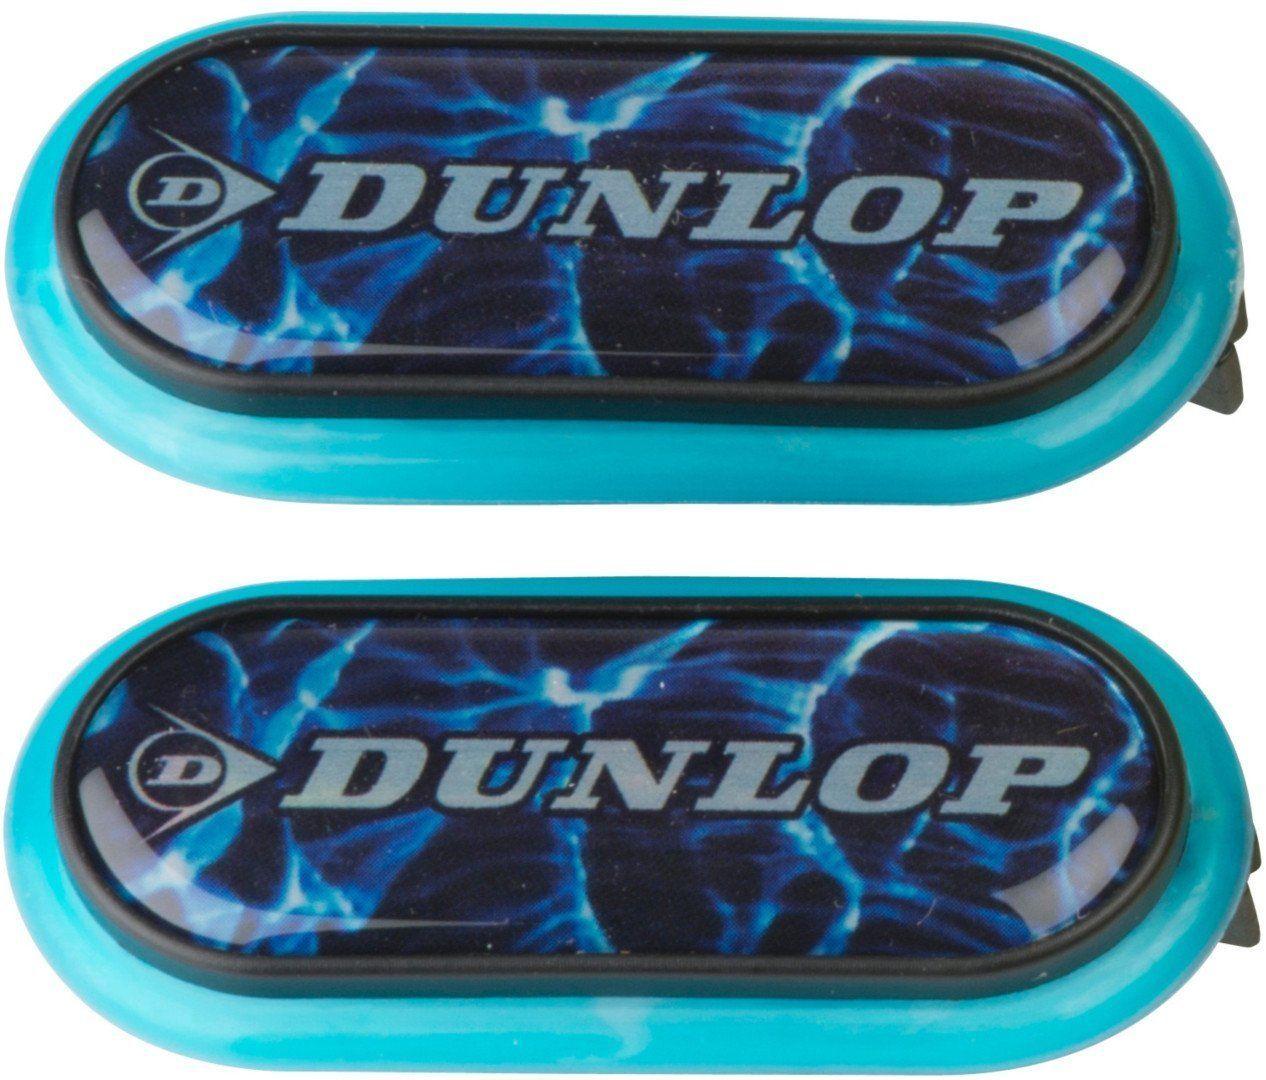 Zapach do samochodu klips New Car na kratkę Dunlop x2